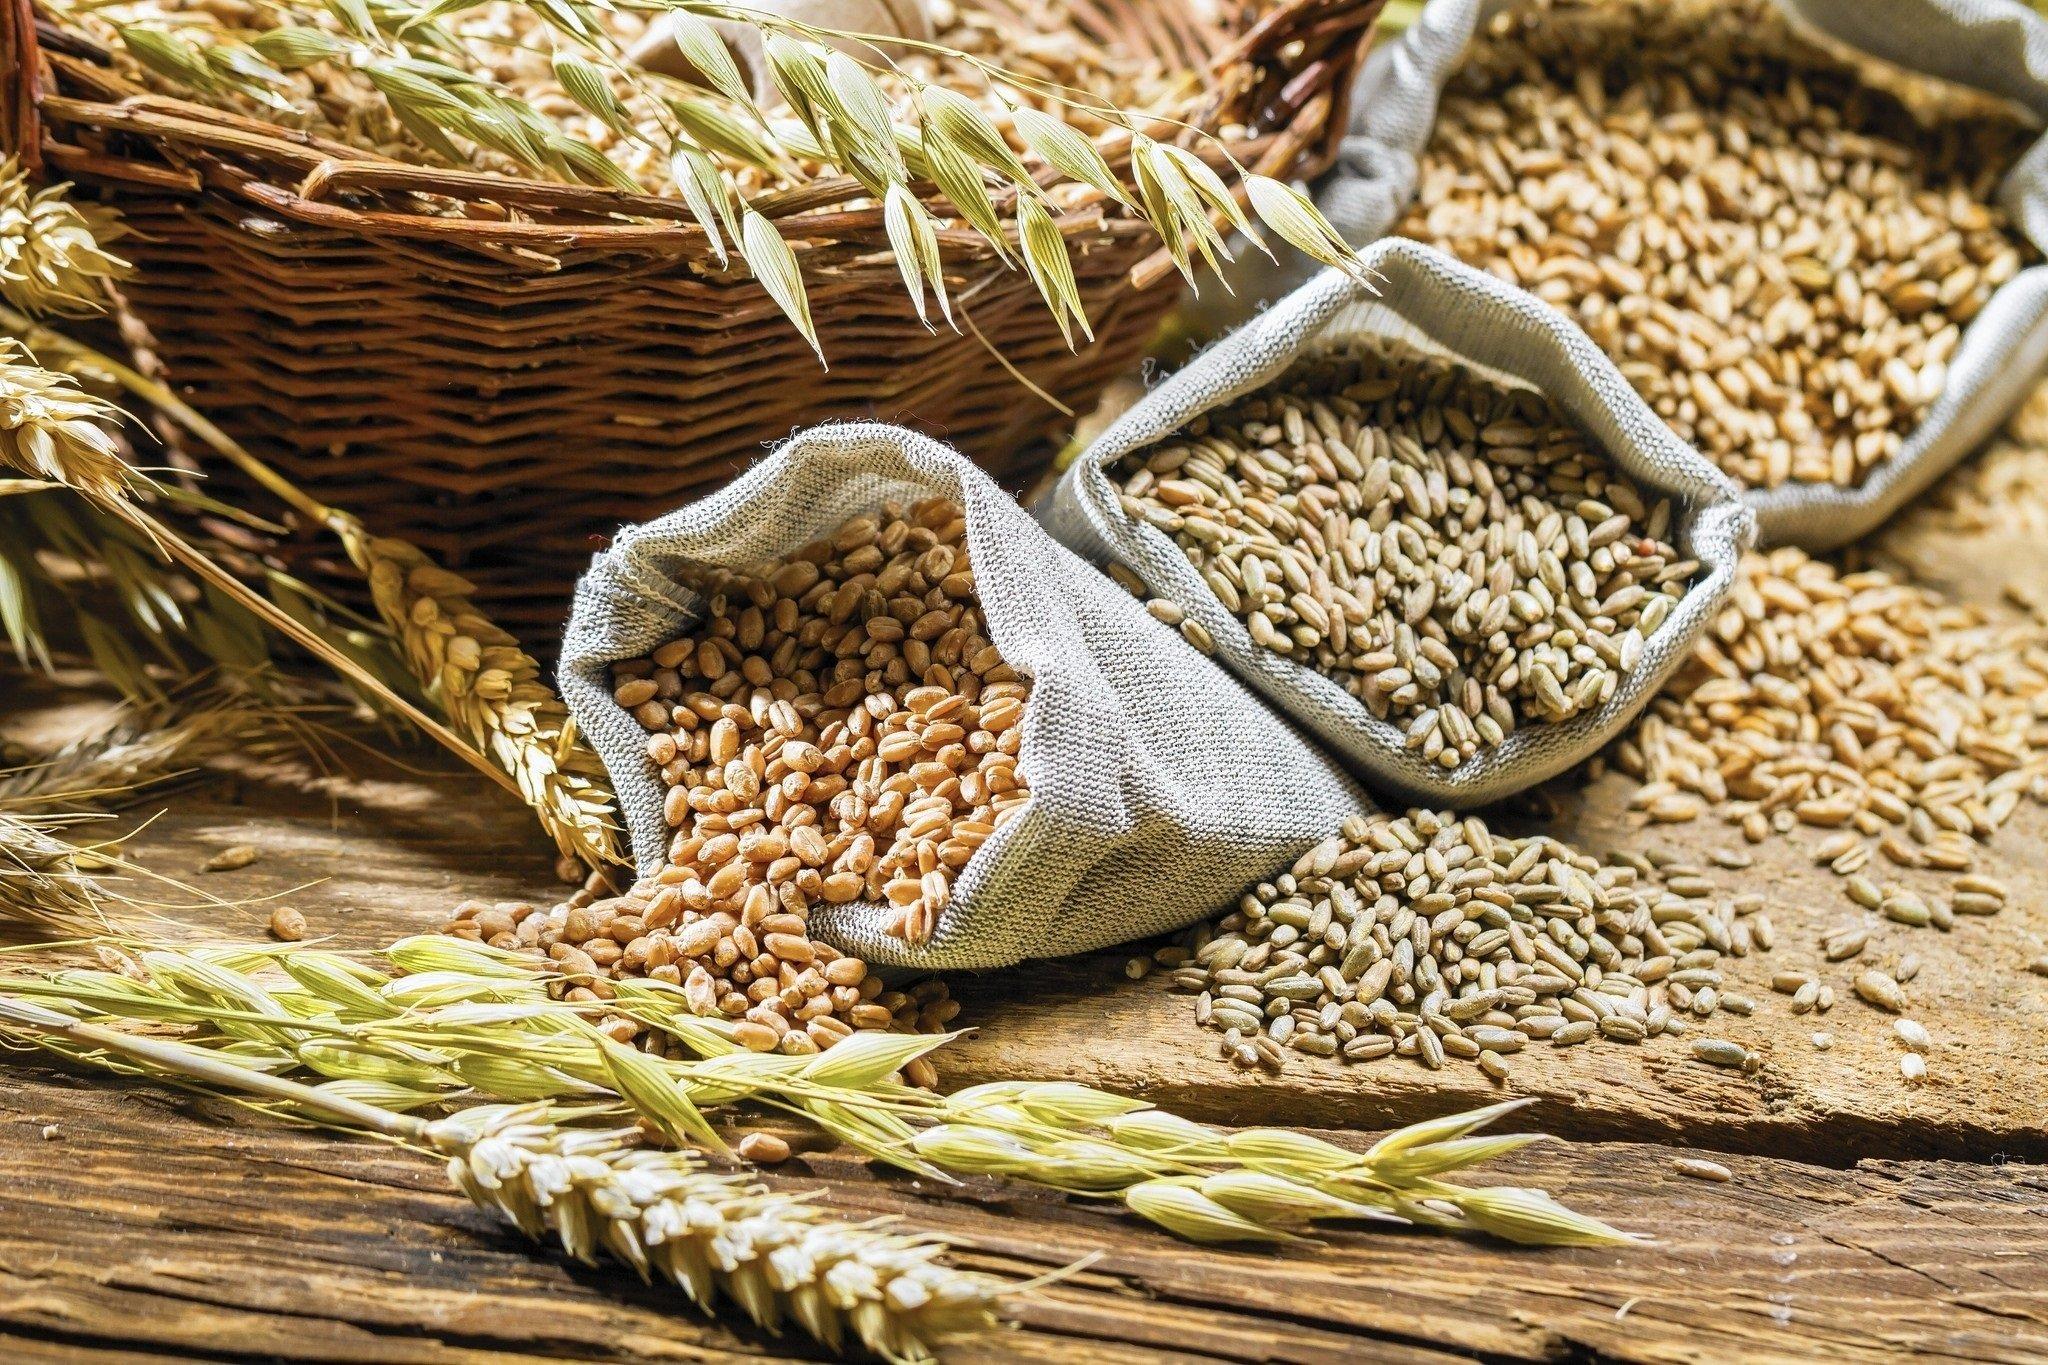 Спека та дощі знищили частину врожаїв пшениці в Україні: як зміняться ціни на зерно